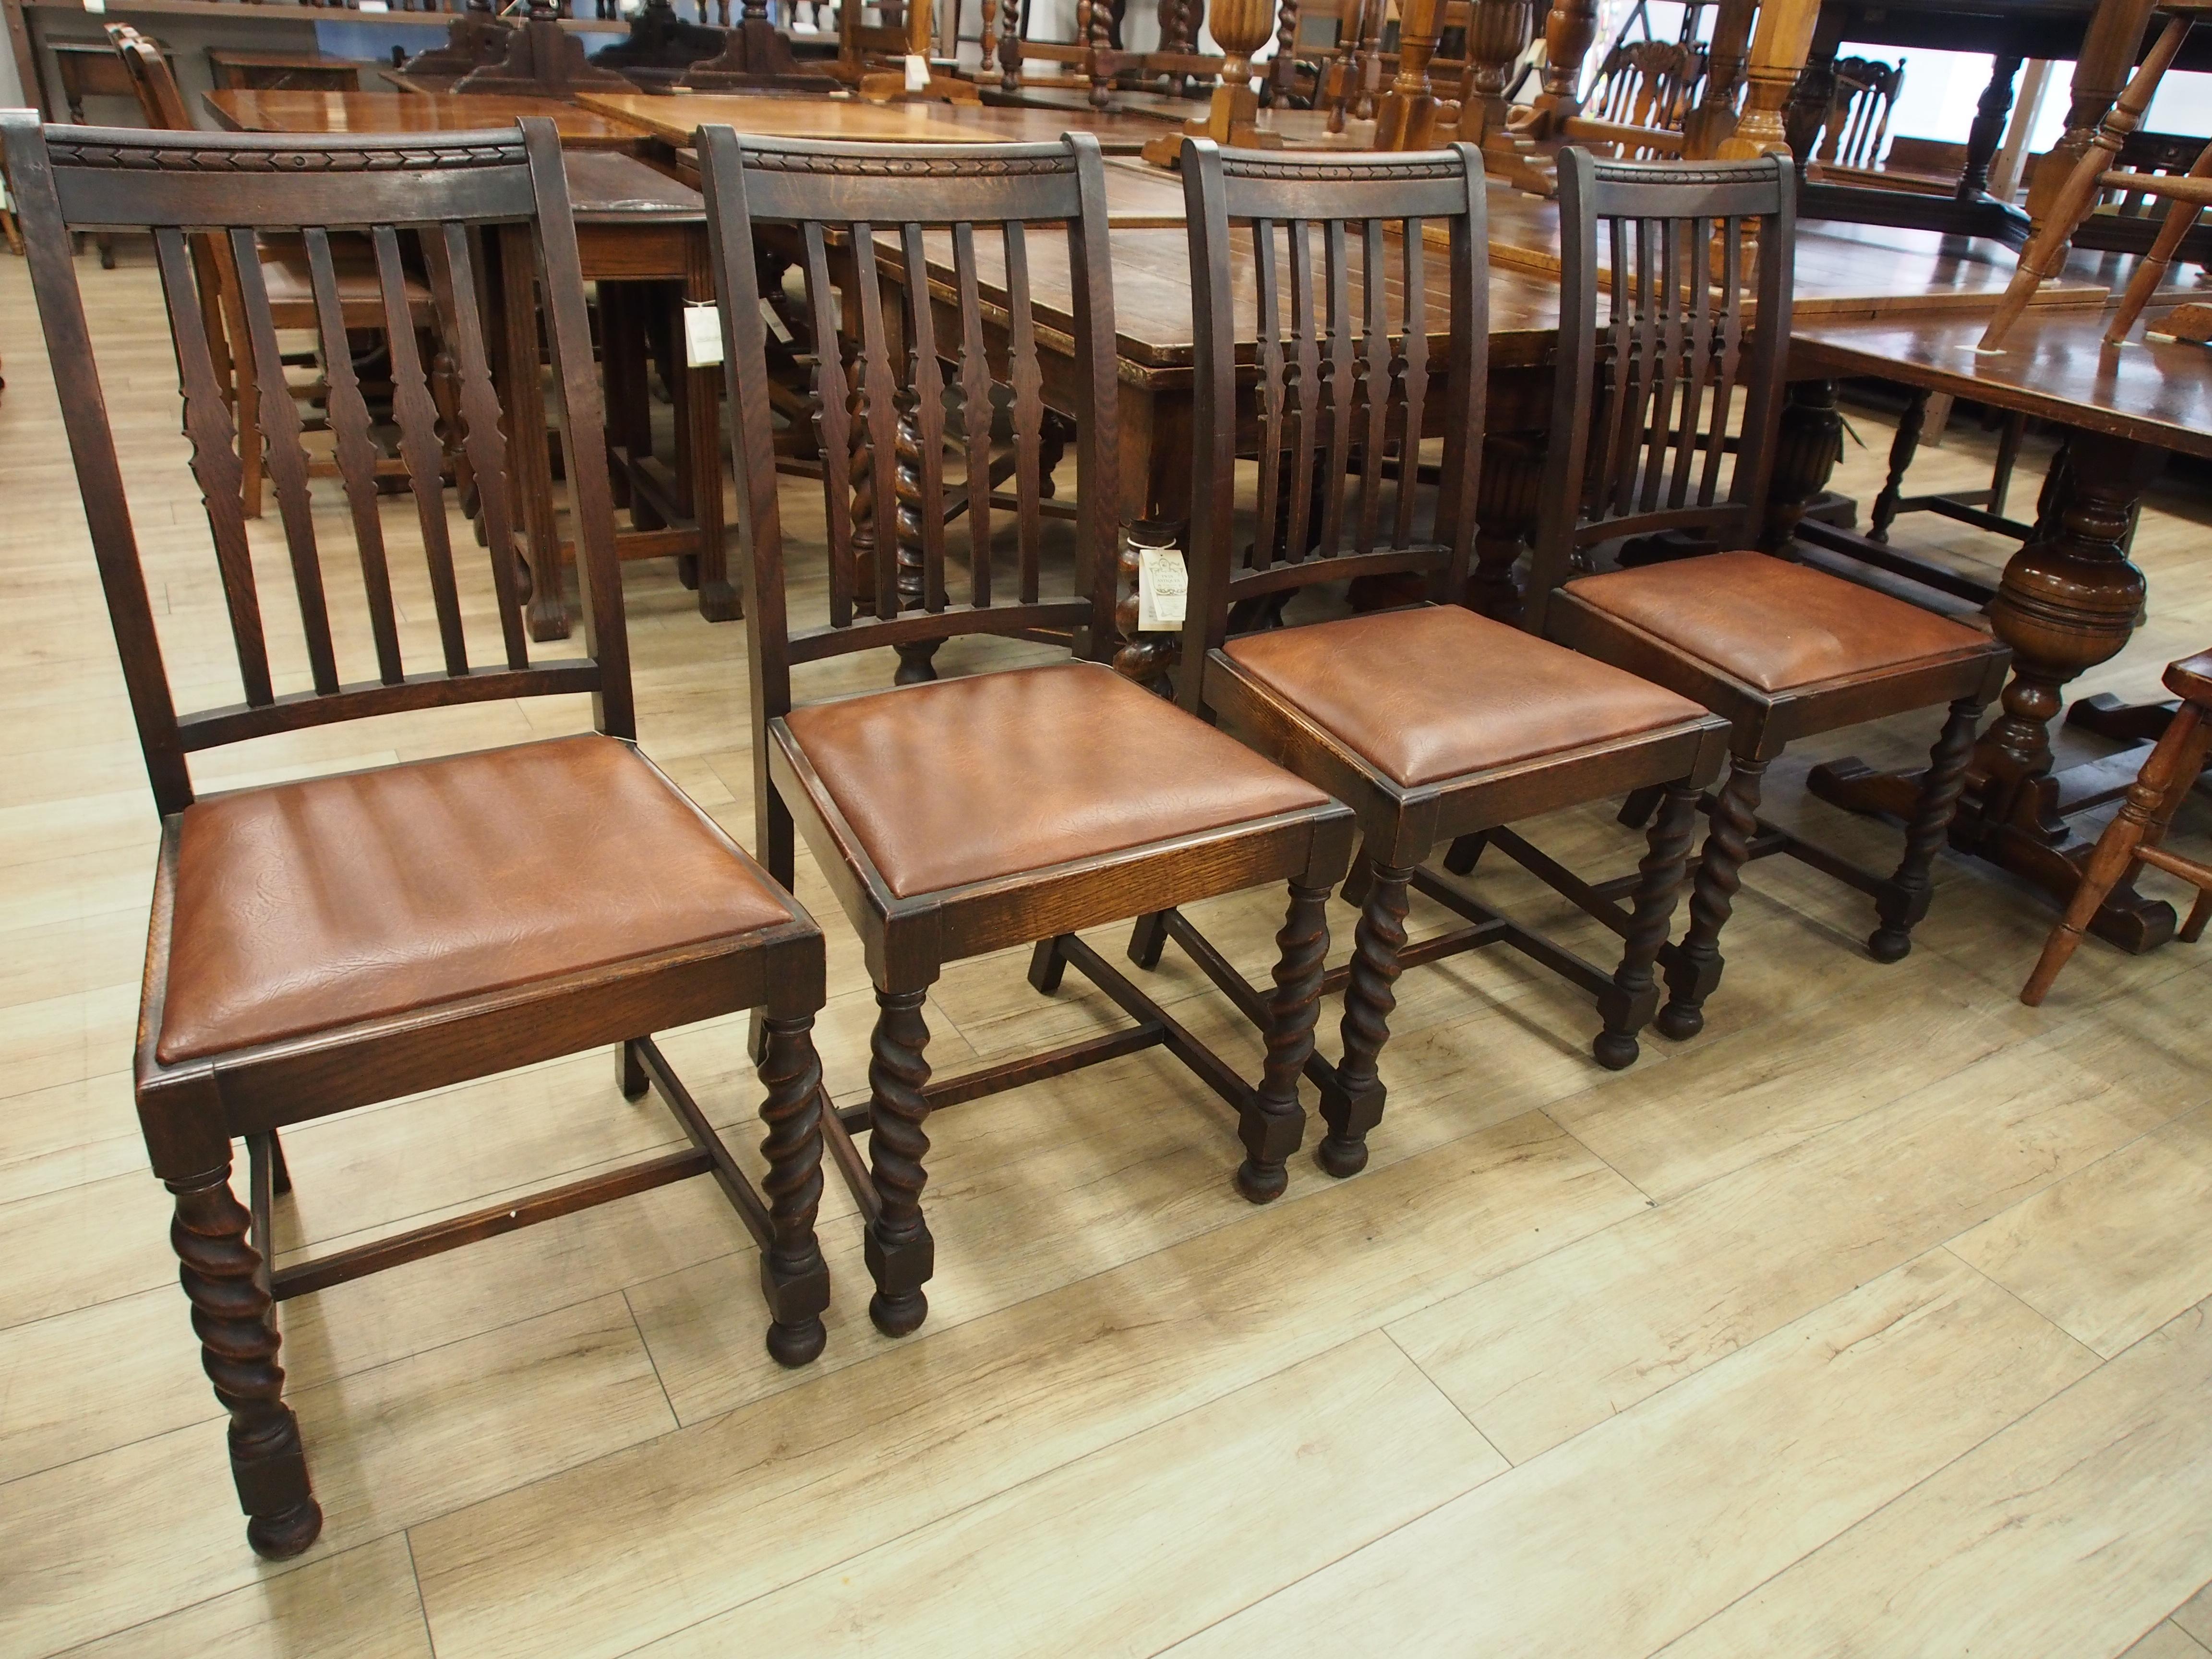 アンティーク家具 大阪 箕面 チェア ダイニンングチェア 椅子 イス ツイストレッグ 彫刻 ヴィンテージ家具 ビンテージ家具 イギリスアンティーク家具  イギリス 英国家具 イギリス家具